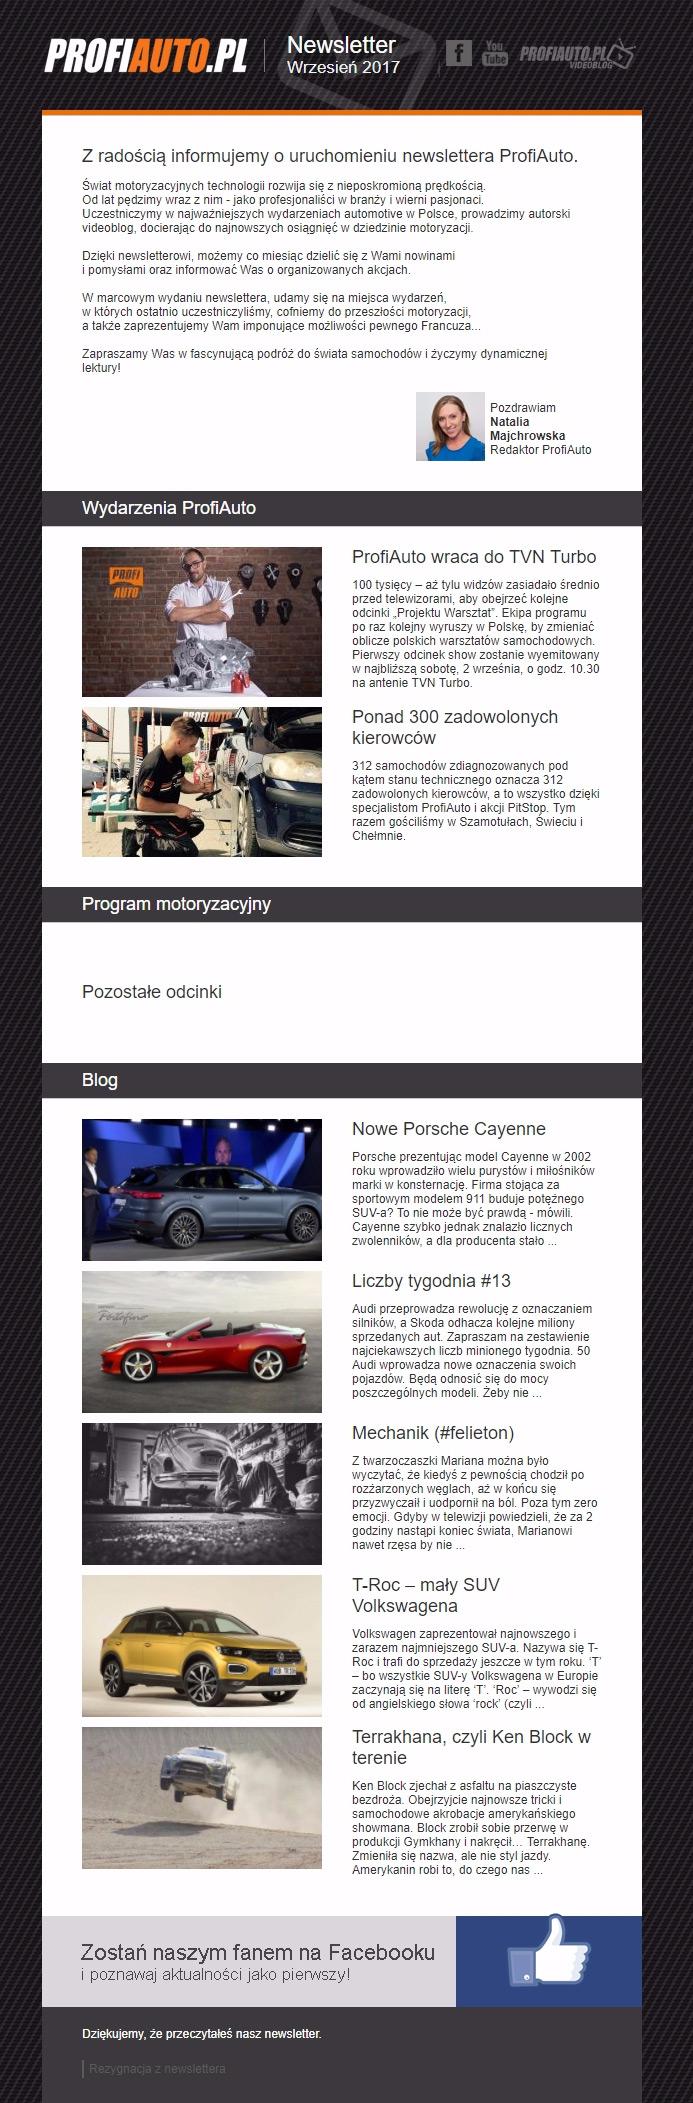 ProfiAuto newsletter RWD